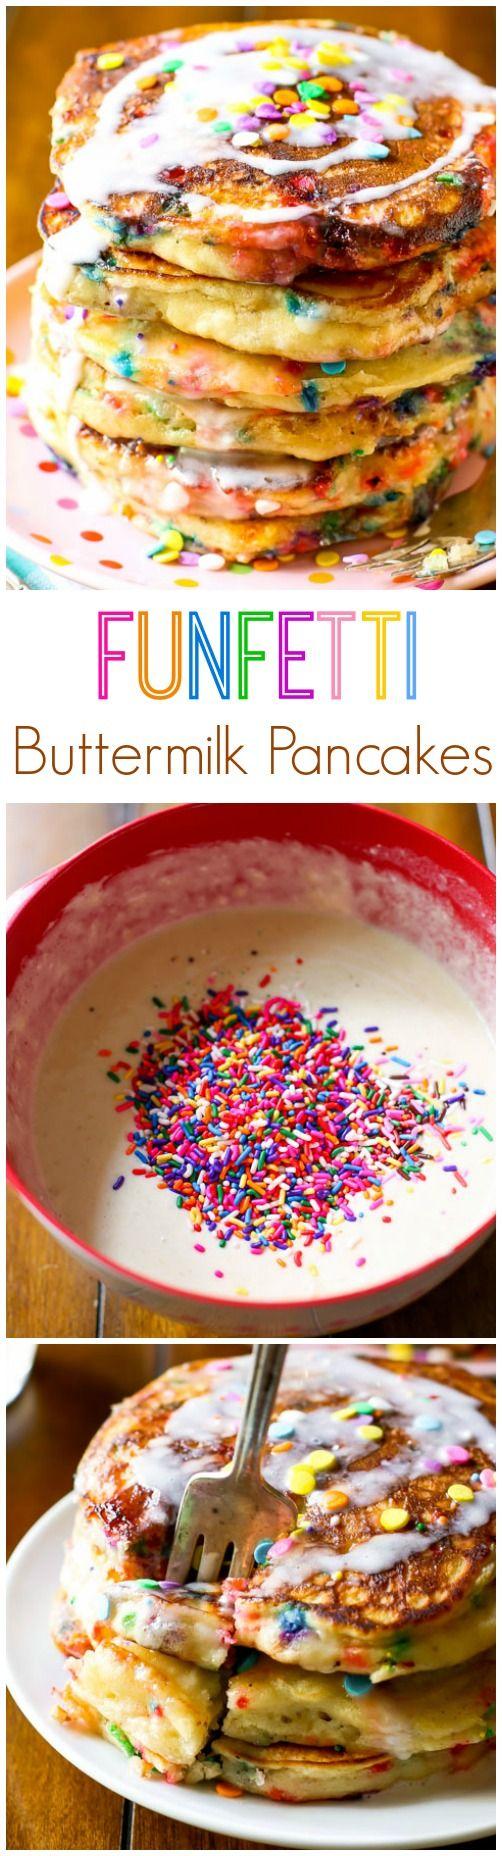 FUNFETTI Buttermilk Pancakes-- so fluffy, so simple, so perfect, so FUN.: